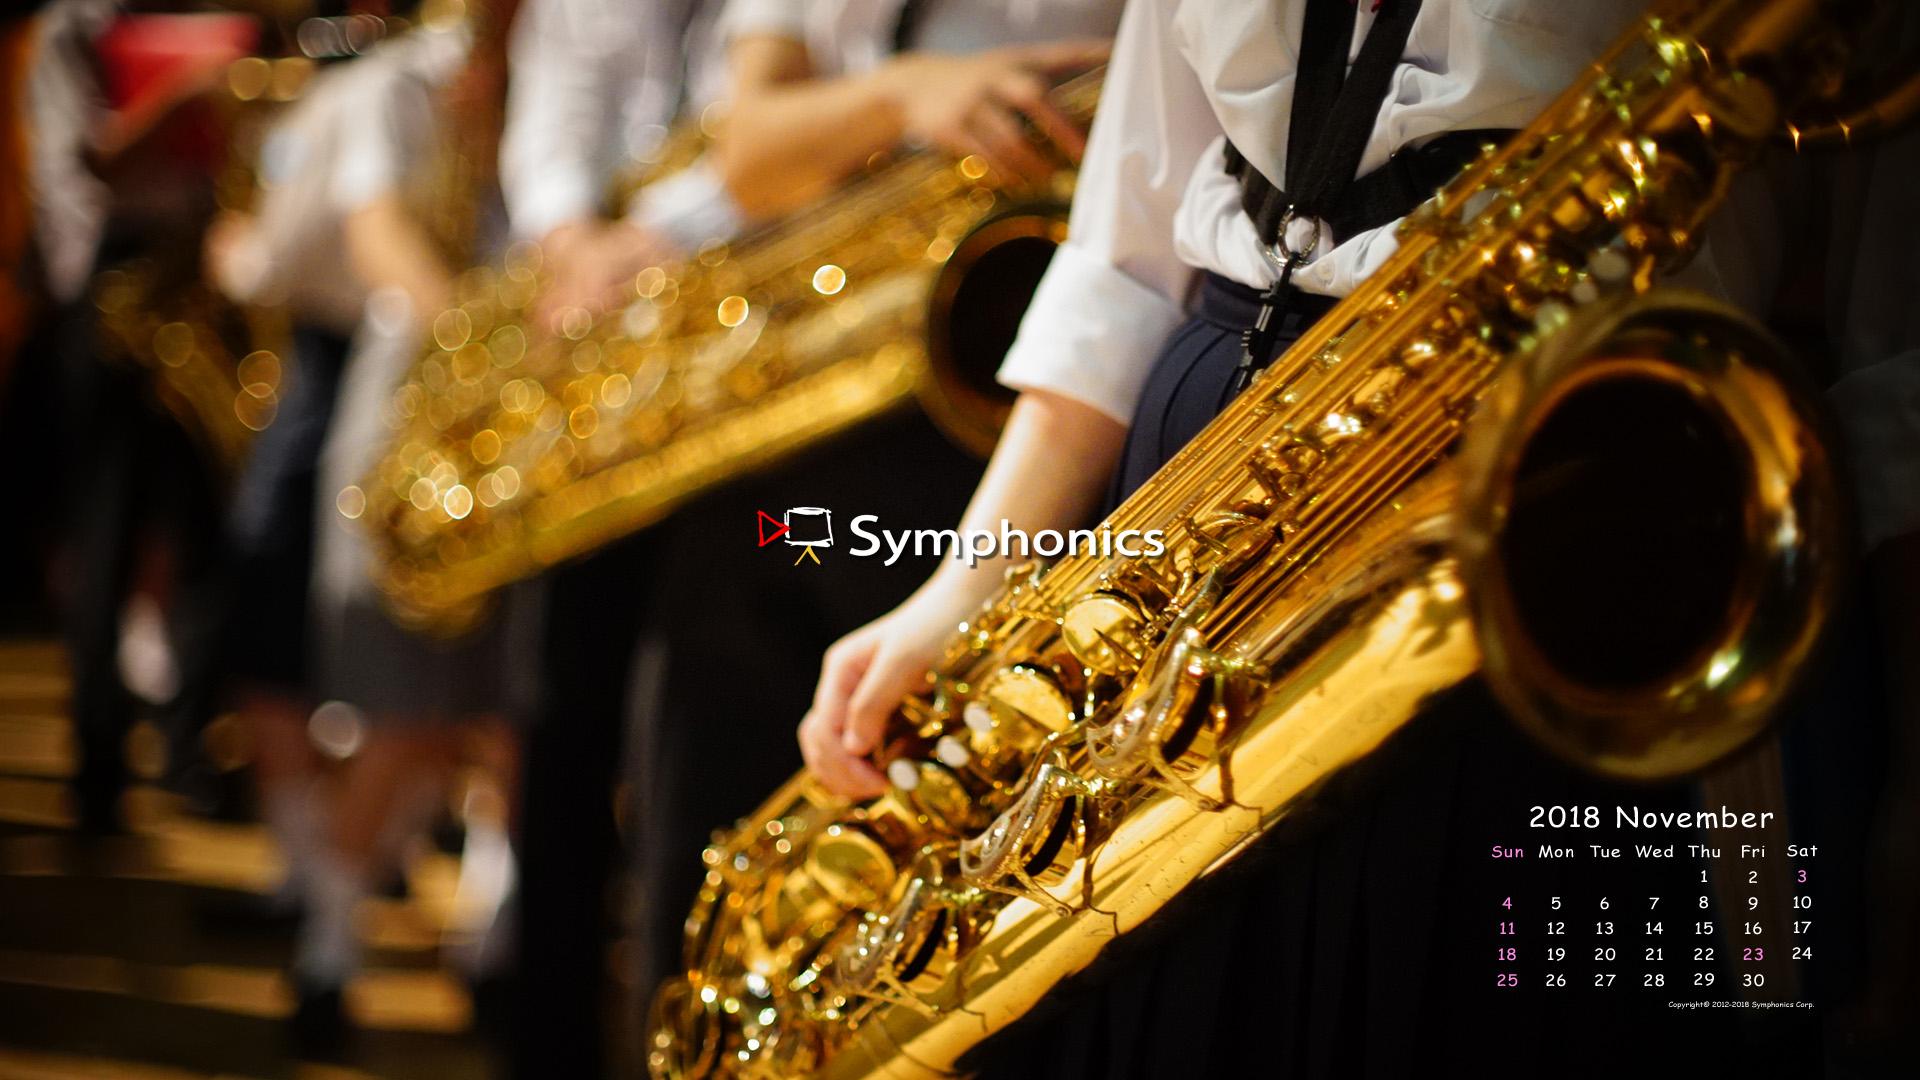 Symphonics シンフォニクス株式会社 映像制作 技術 オーケストラ コンサートdvd ビデオ撮影 18年11月のsymphonics 壁紙